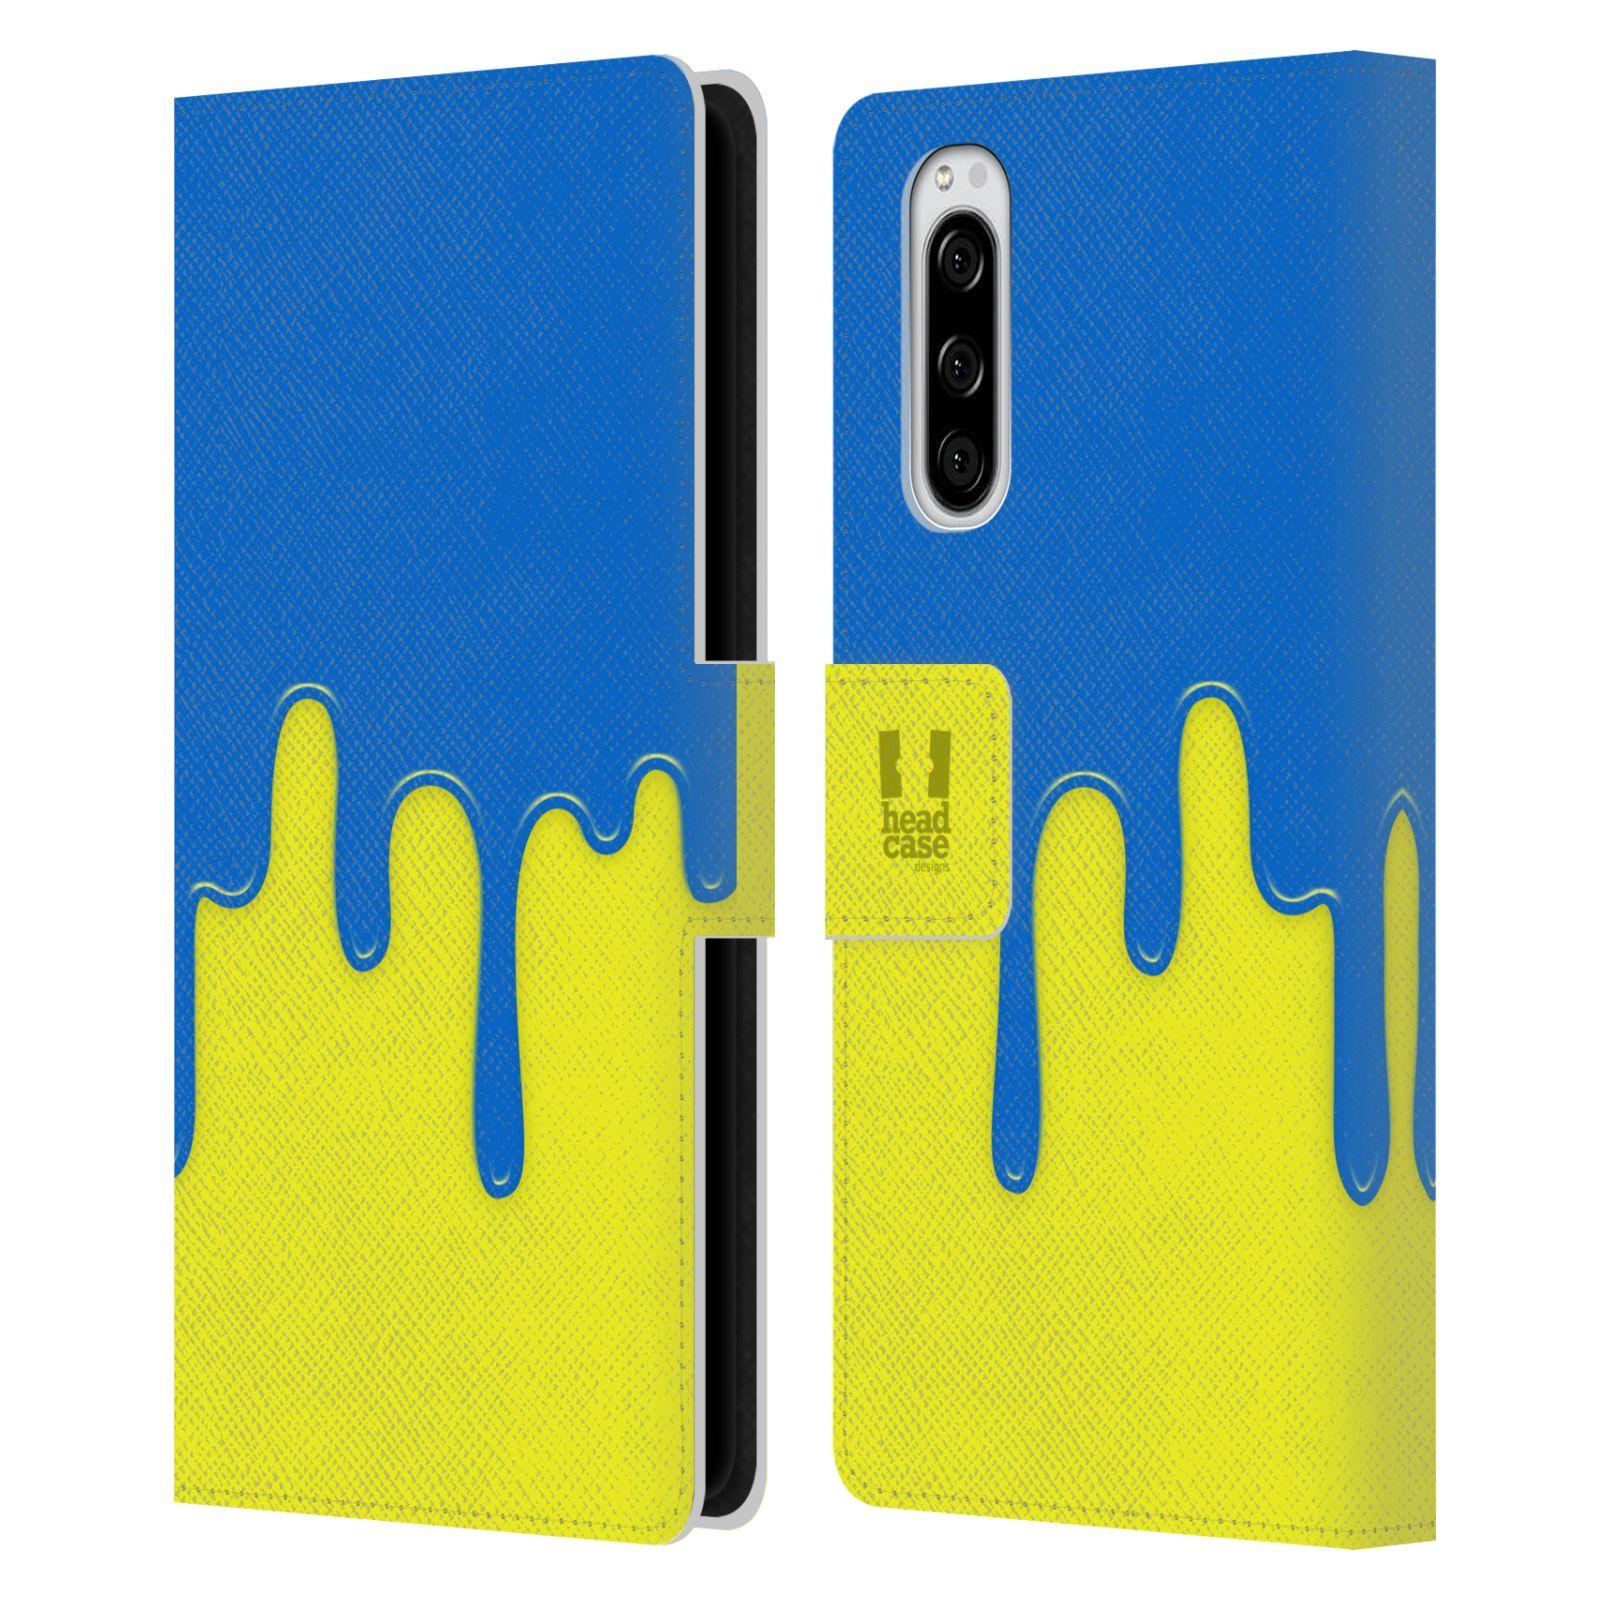 Pouzdro na mobil Sony Xperia 5 Rozlitá barva modrá a žlutá